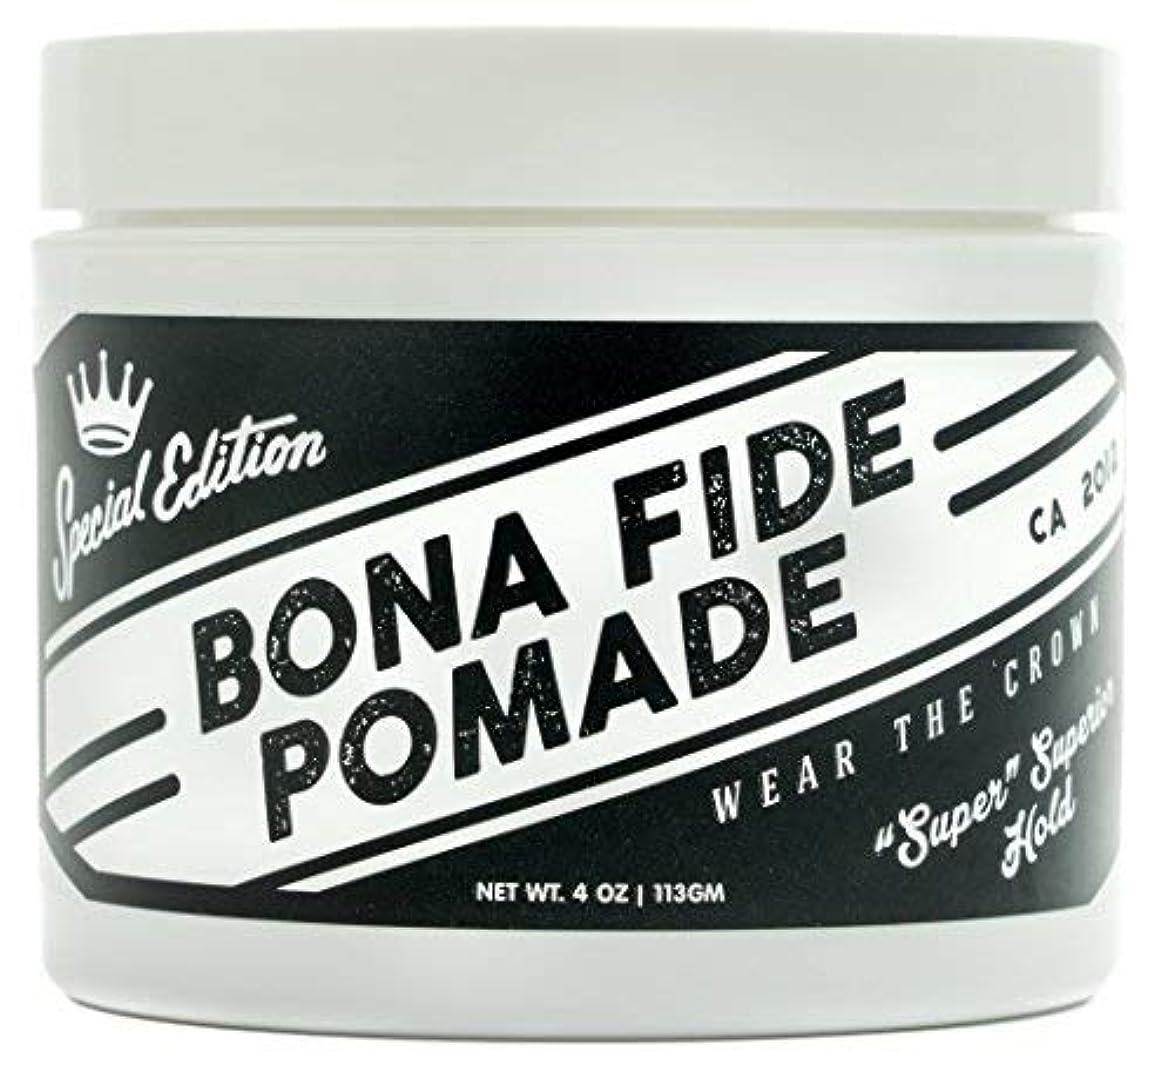 朝自分の力ですべてをする動作Bona Fide Pomade, スーパースーペリアホールドSE, 4OZ (113g)、水性ポマード/ヘアー グリース (整髪料)